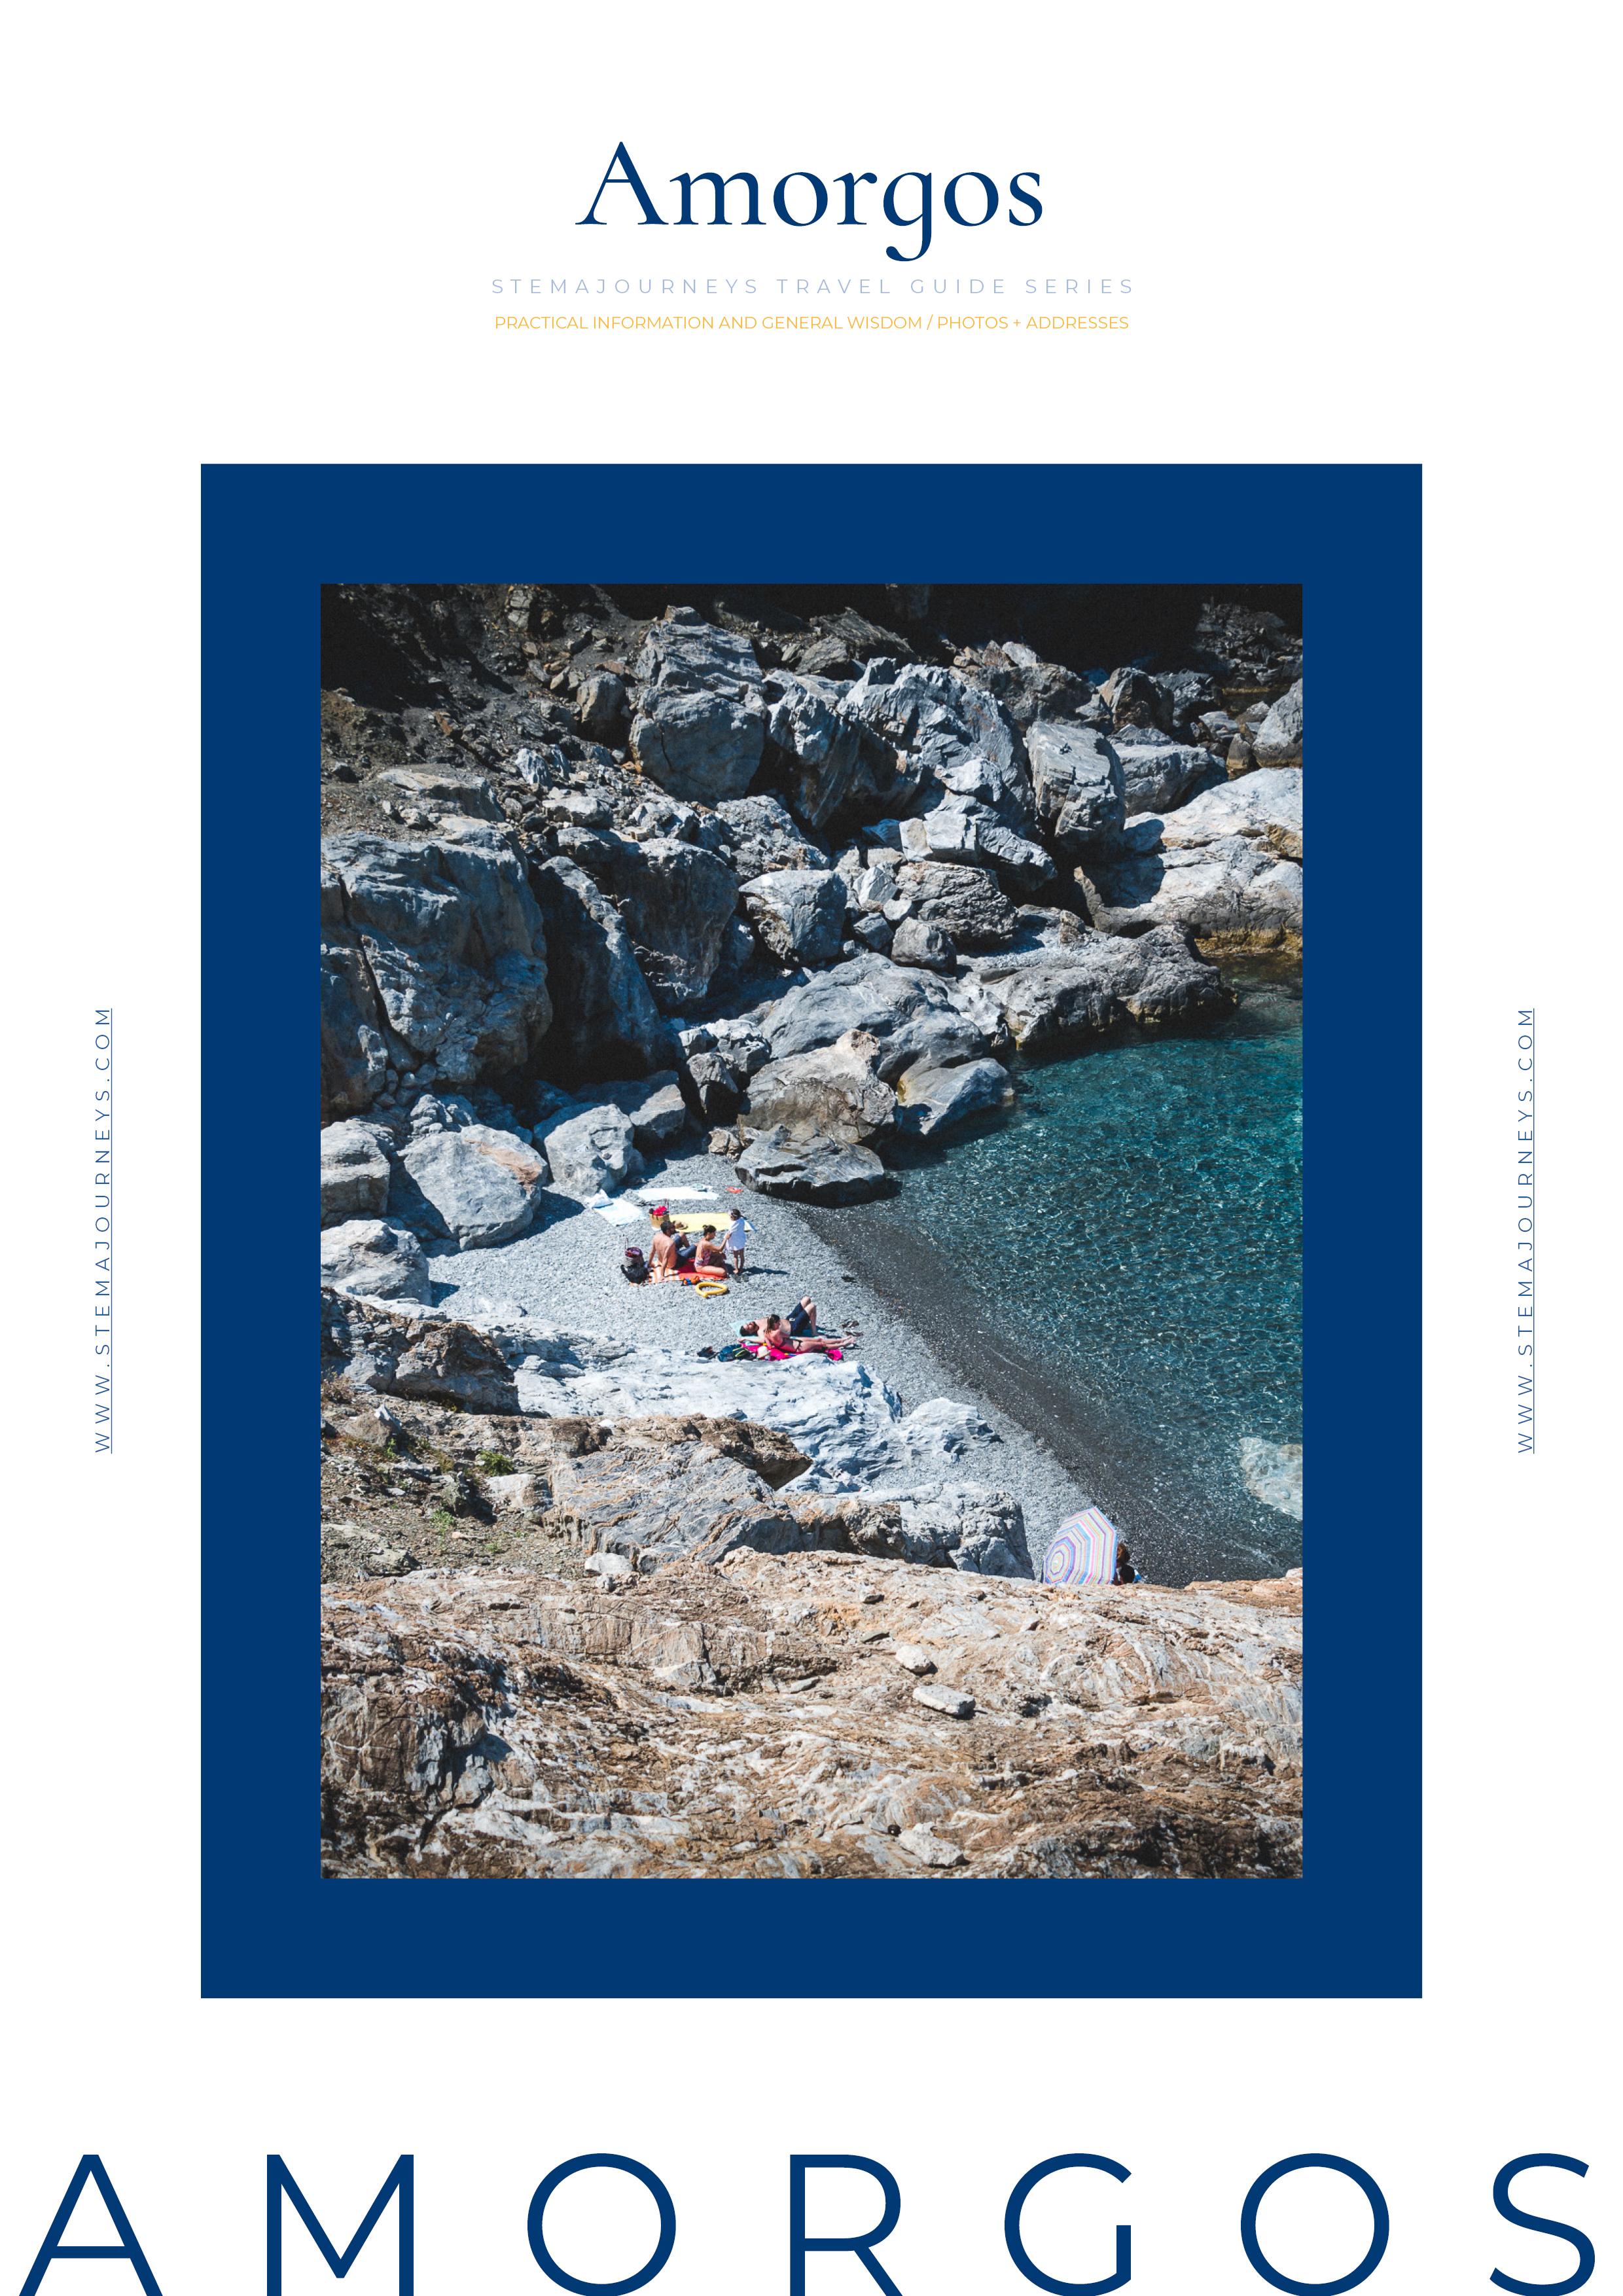 Amorgos guide.jpg